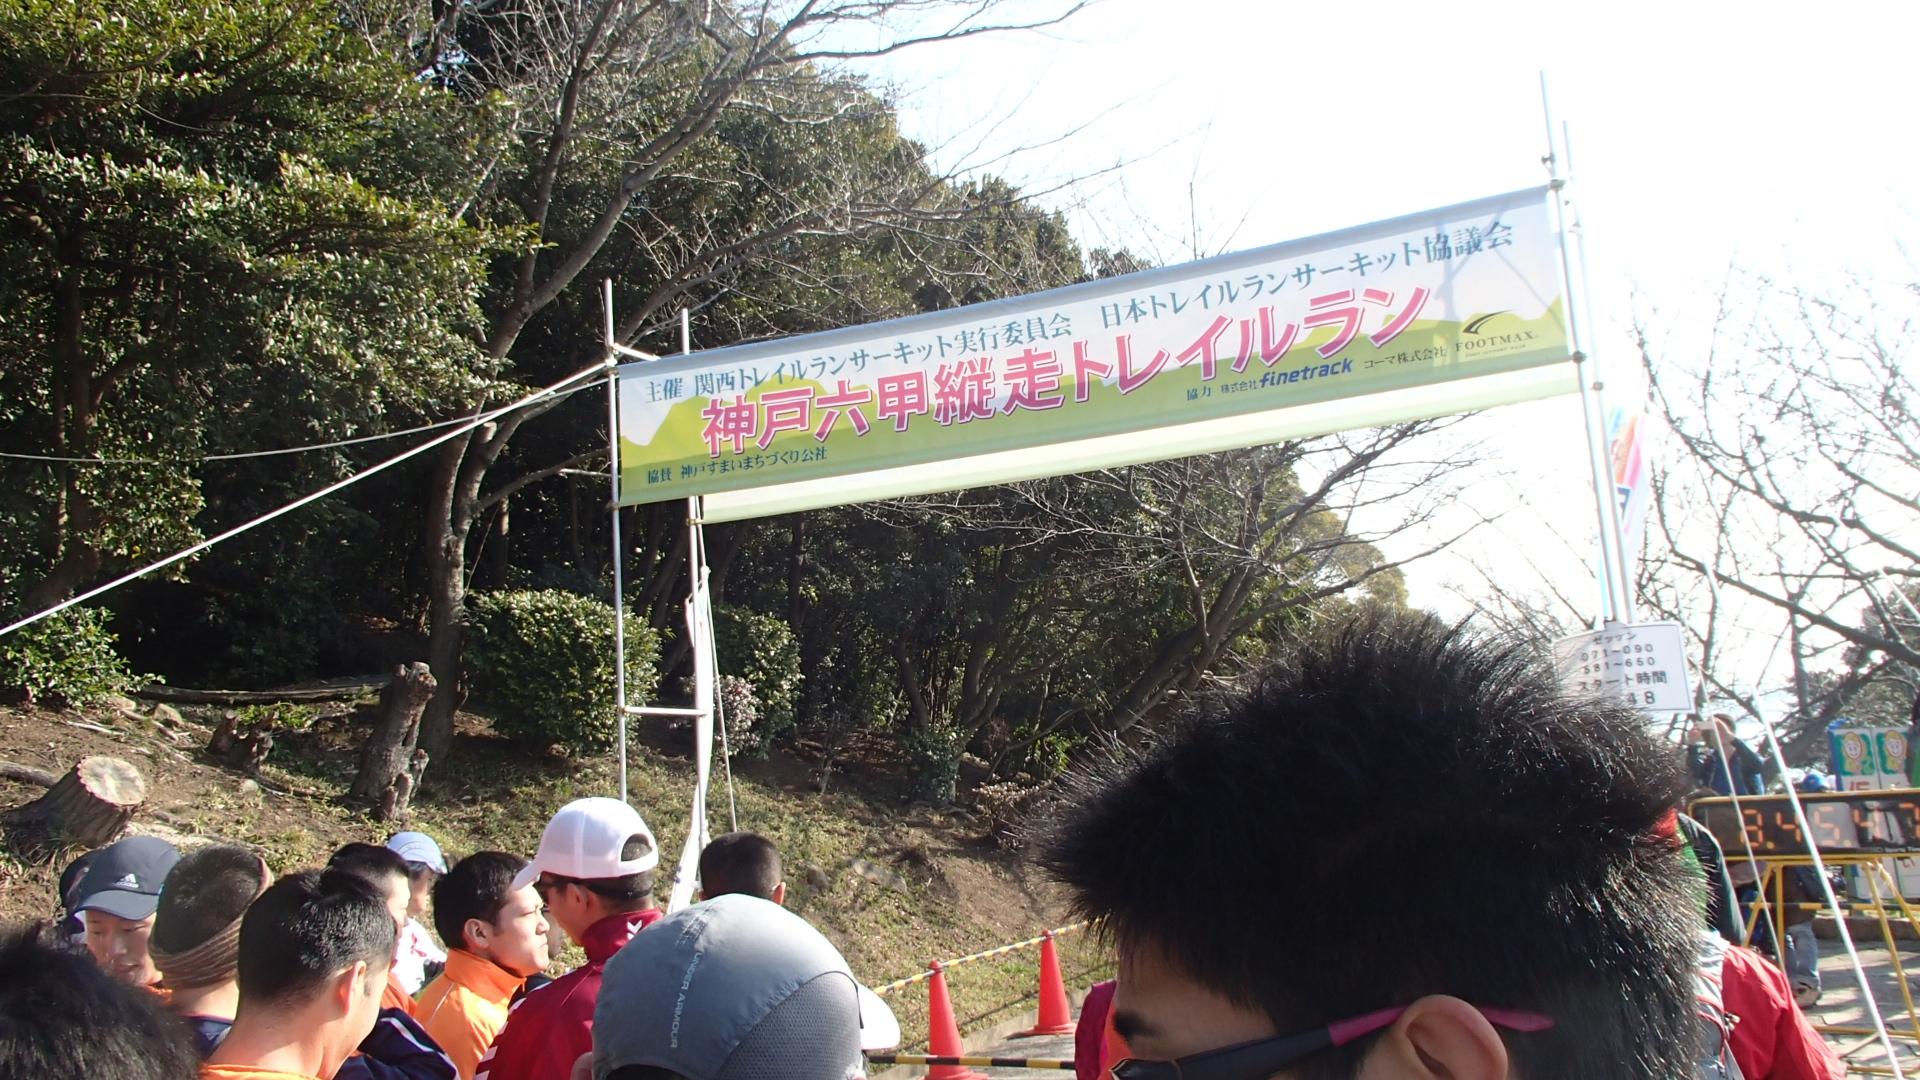 六甲縦走トレイル2014のスタート